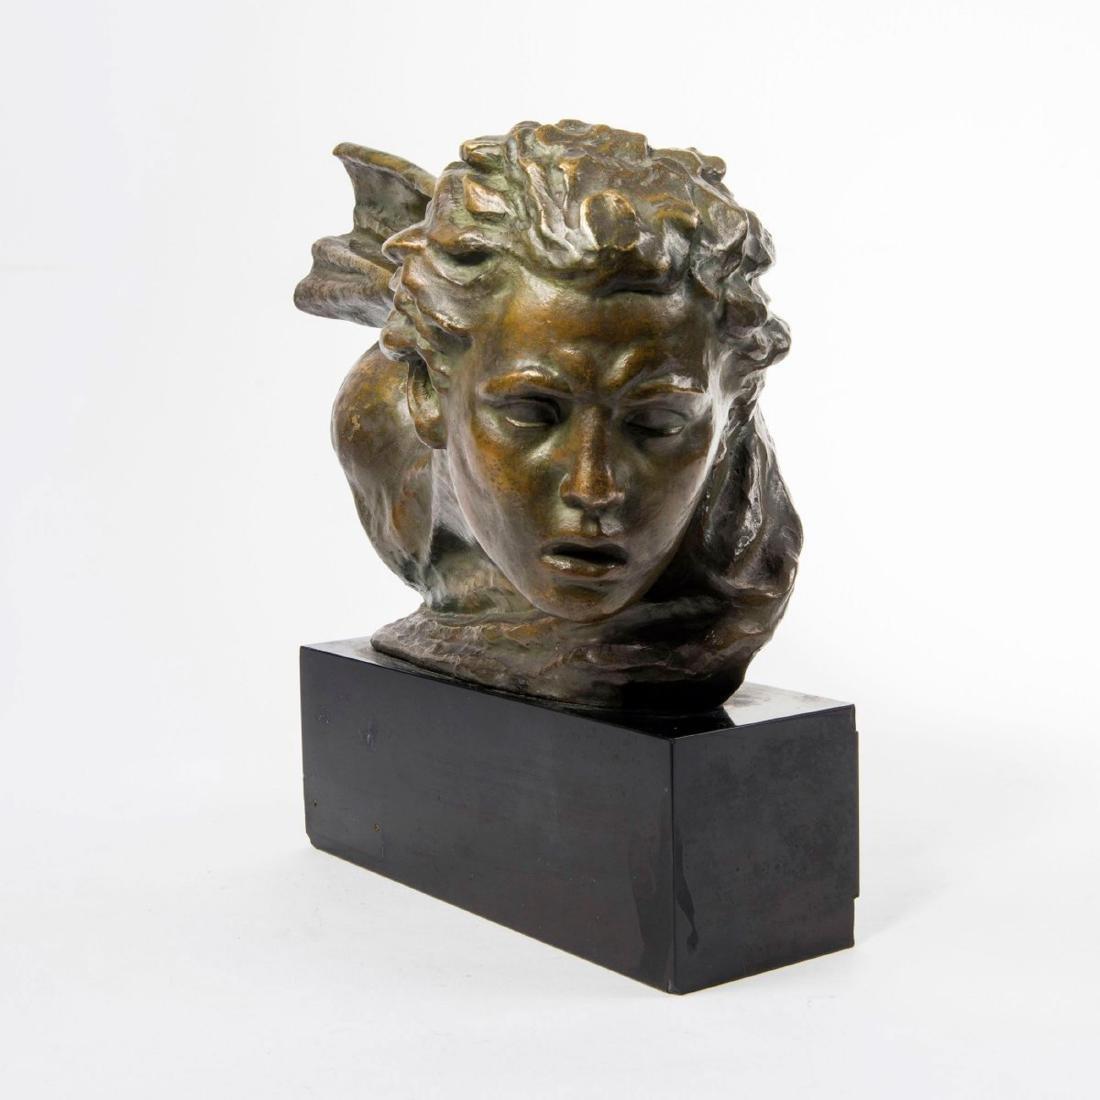 'Mermoz', c. 1930 - 2